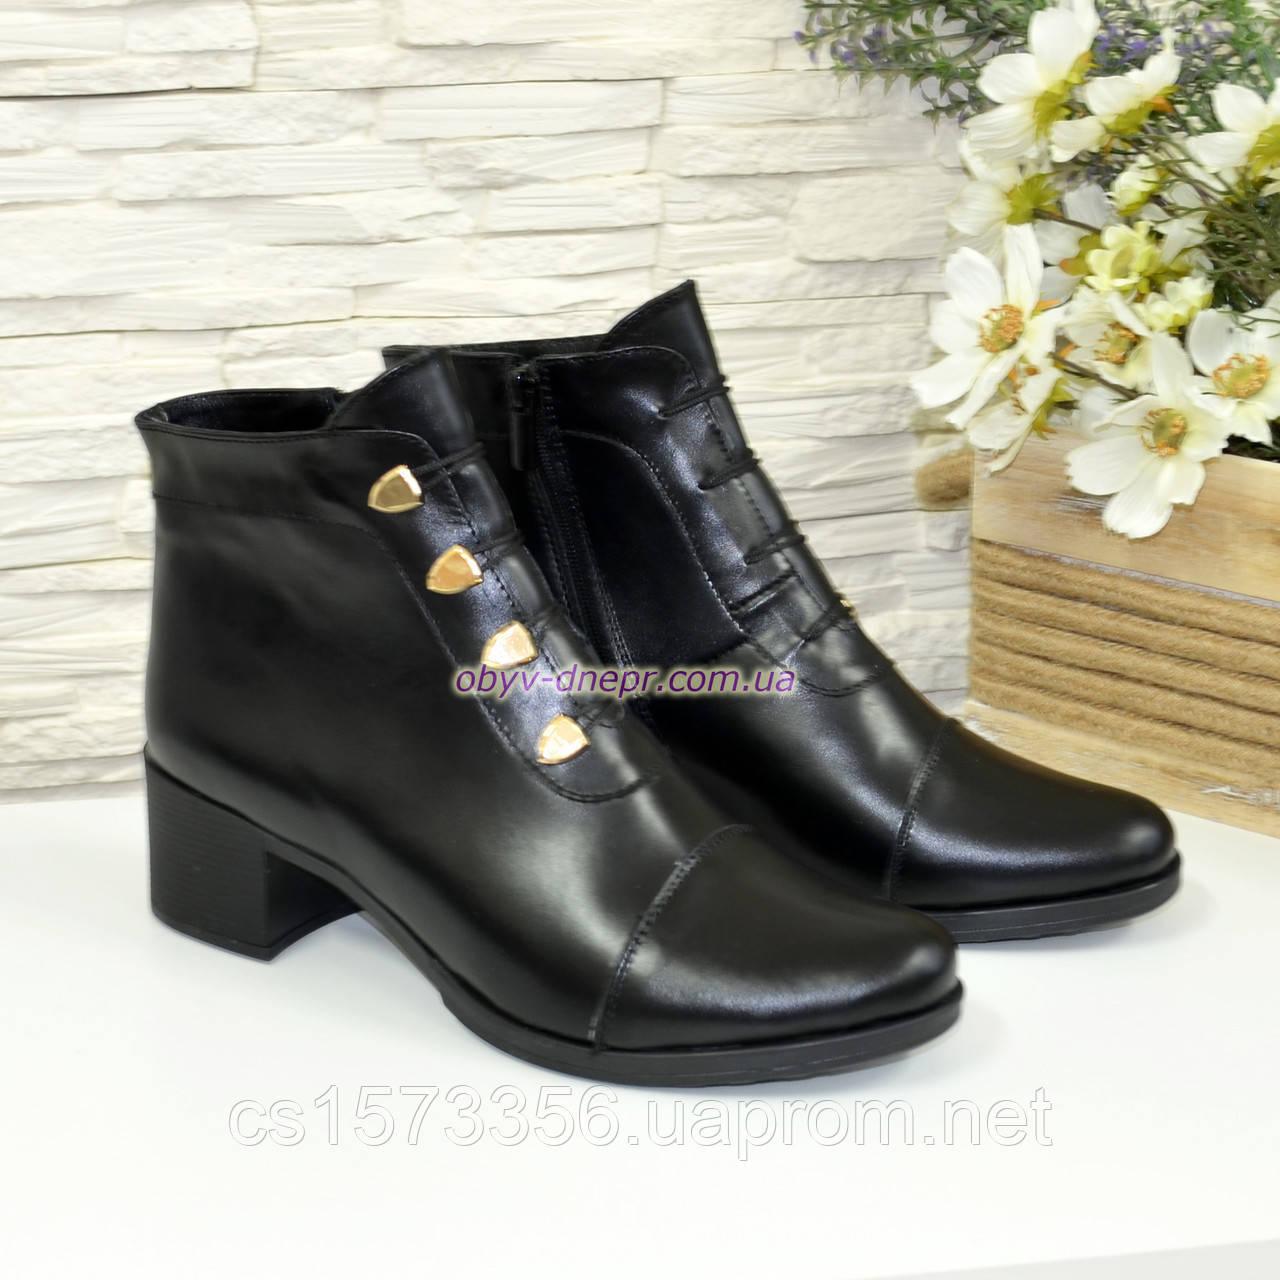 Женские классические демисезонные ботинки на невысоком каблуке, натуральная кожа